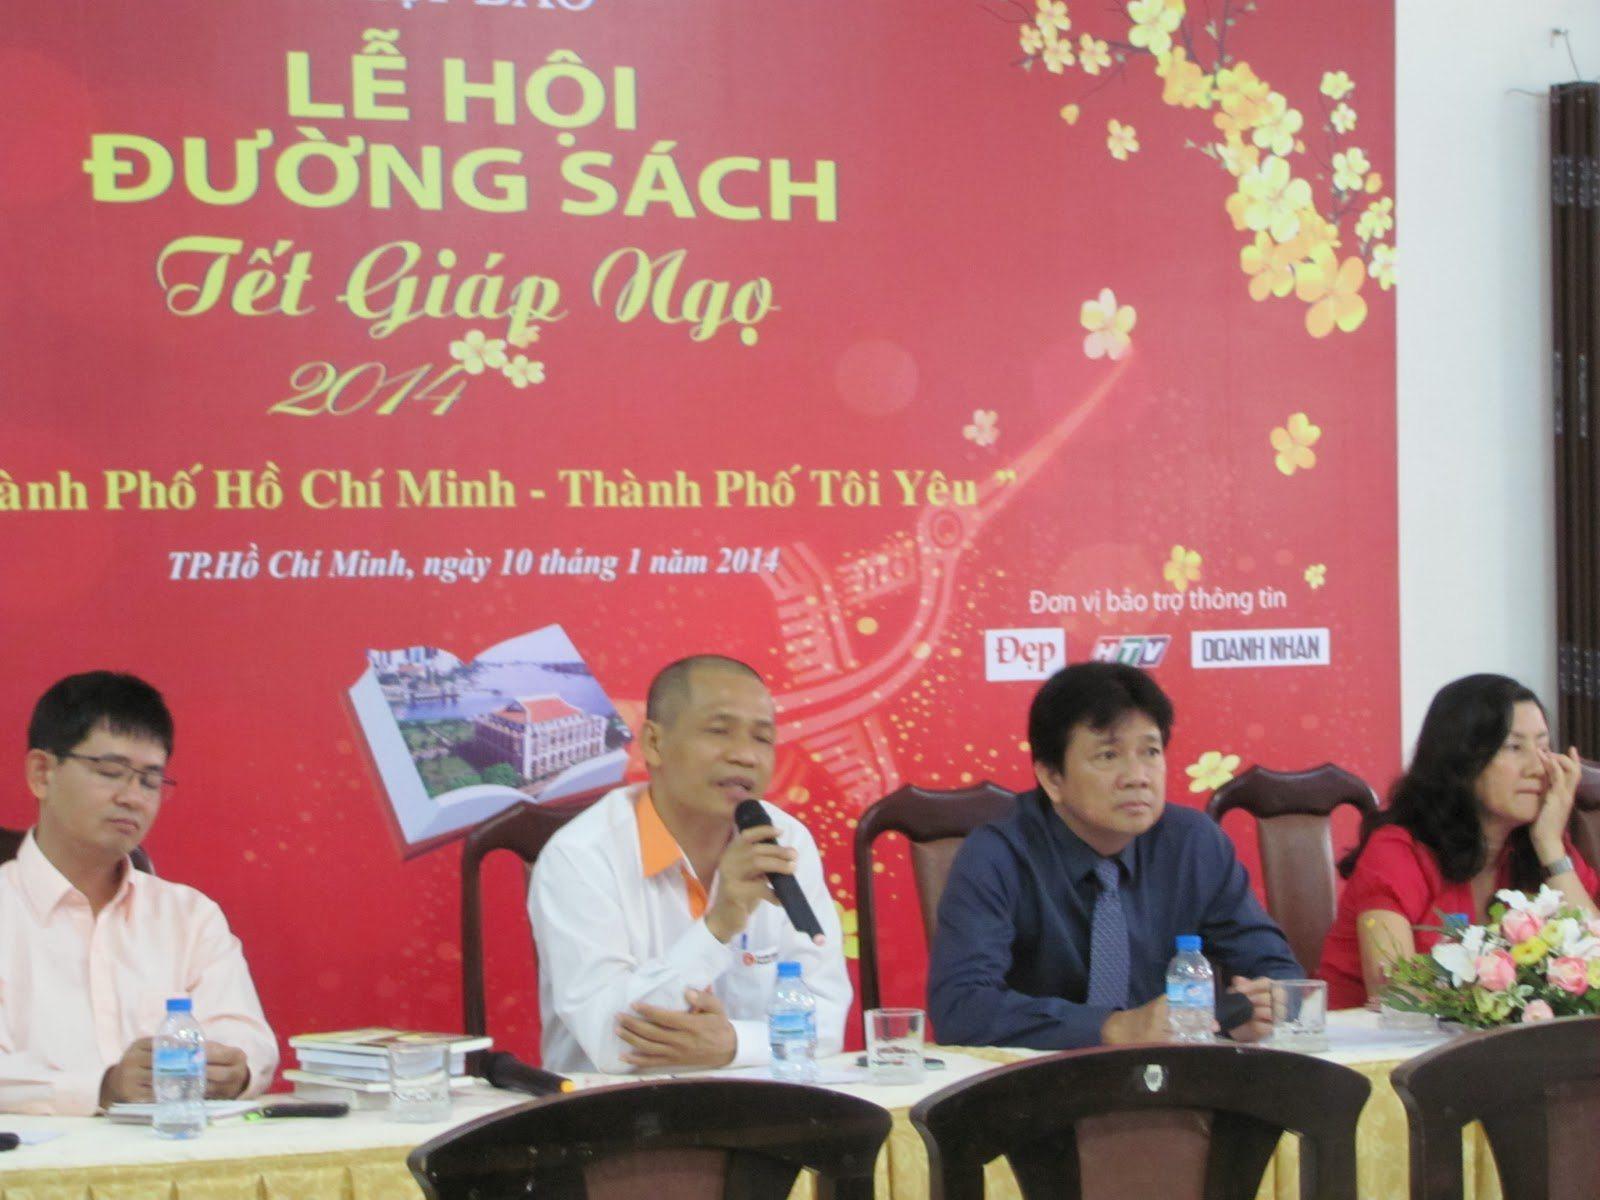 """Họp báo """"Lễ hội Đường Sách Tết Giáp Ngọ 2014"""" được tổ chức sáng nay 10/01/2013"""